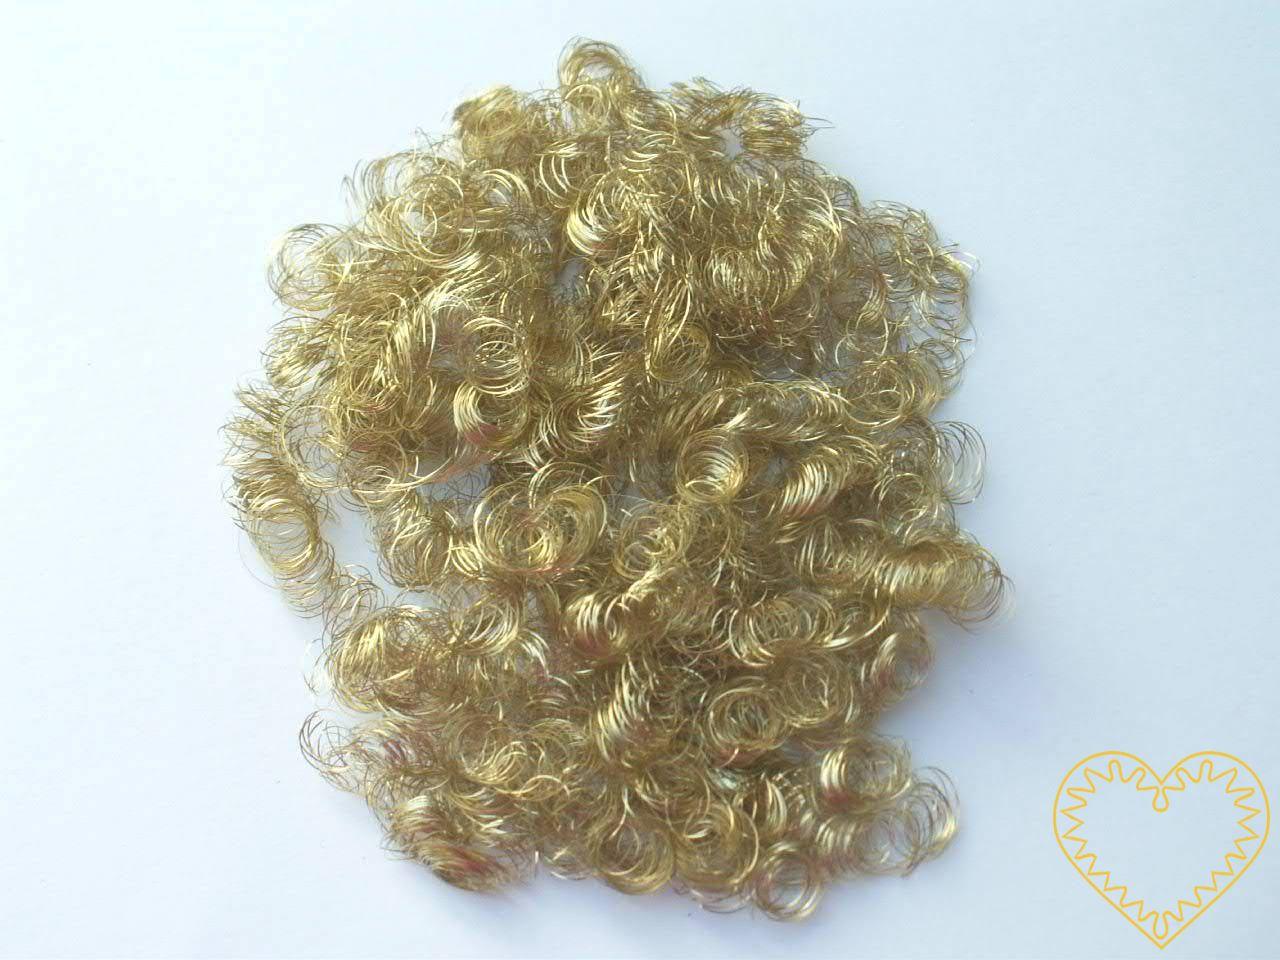 Andělské vlasy zlaté - baroko 20 g. Mají široké využití - uplatní se při aranžování, tvorbě nejrůznějších dekorací, ale např. i jako vlásky na figurku či maňáska.